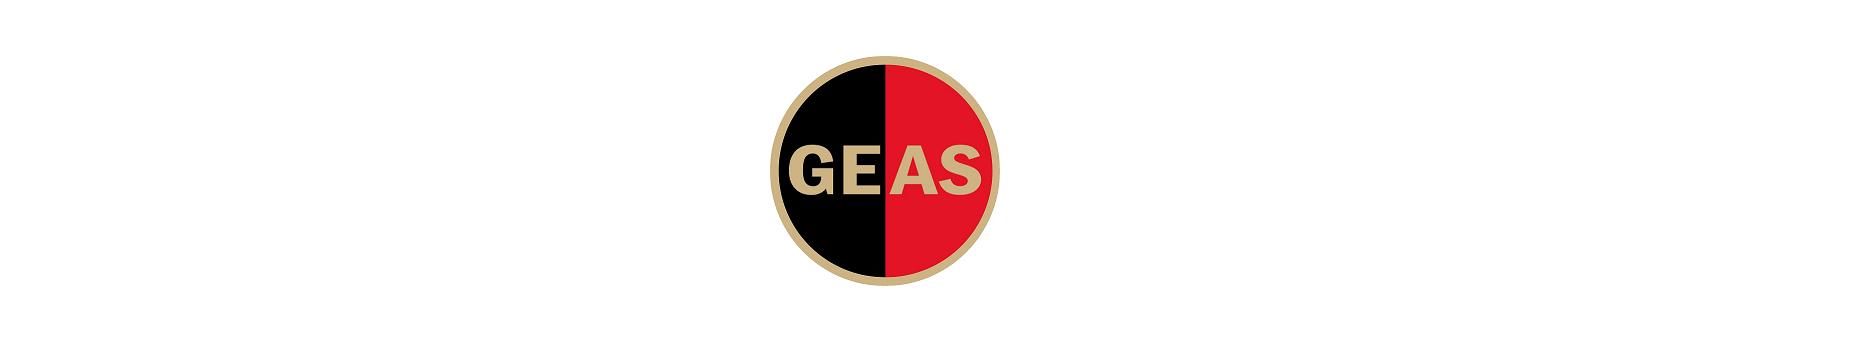 Associazione G.E.A.S. - Polisportiva ASD - Gruppo Escursionistico Atletico Sportivo - logo